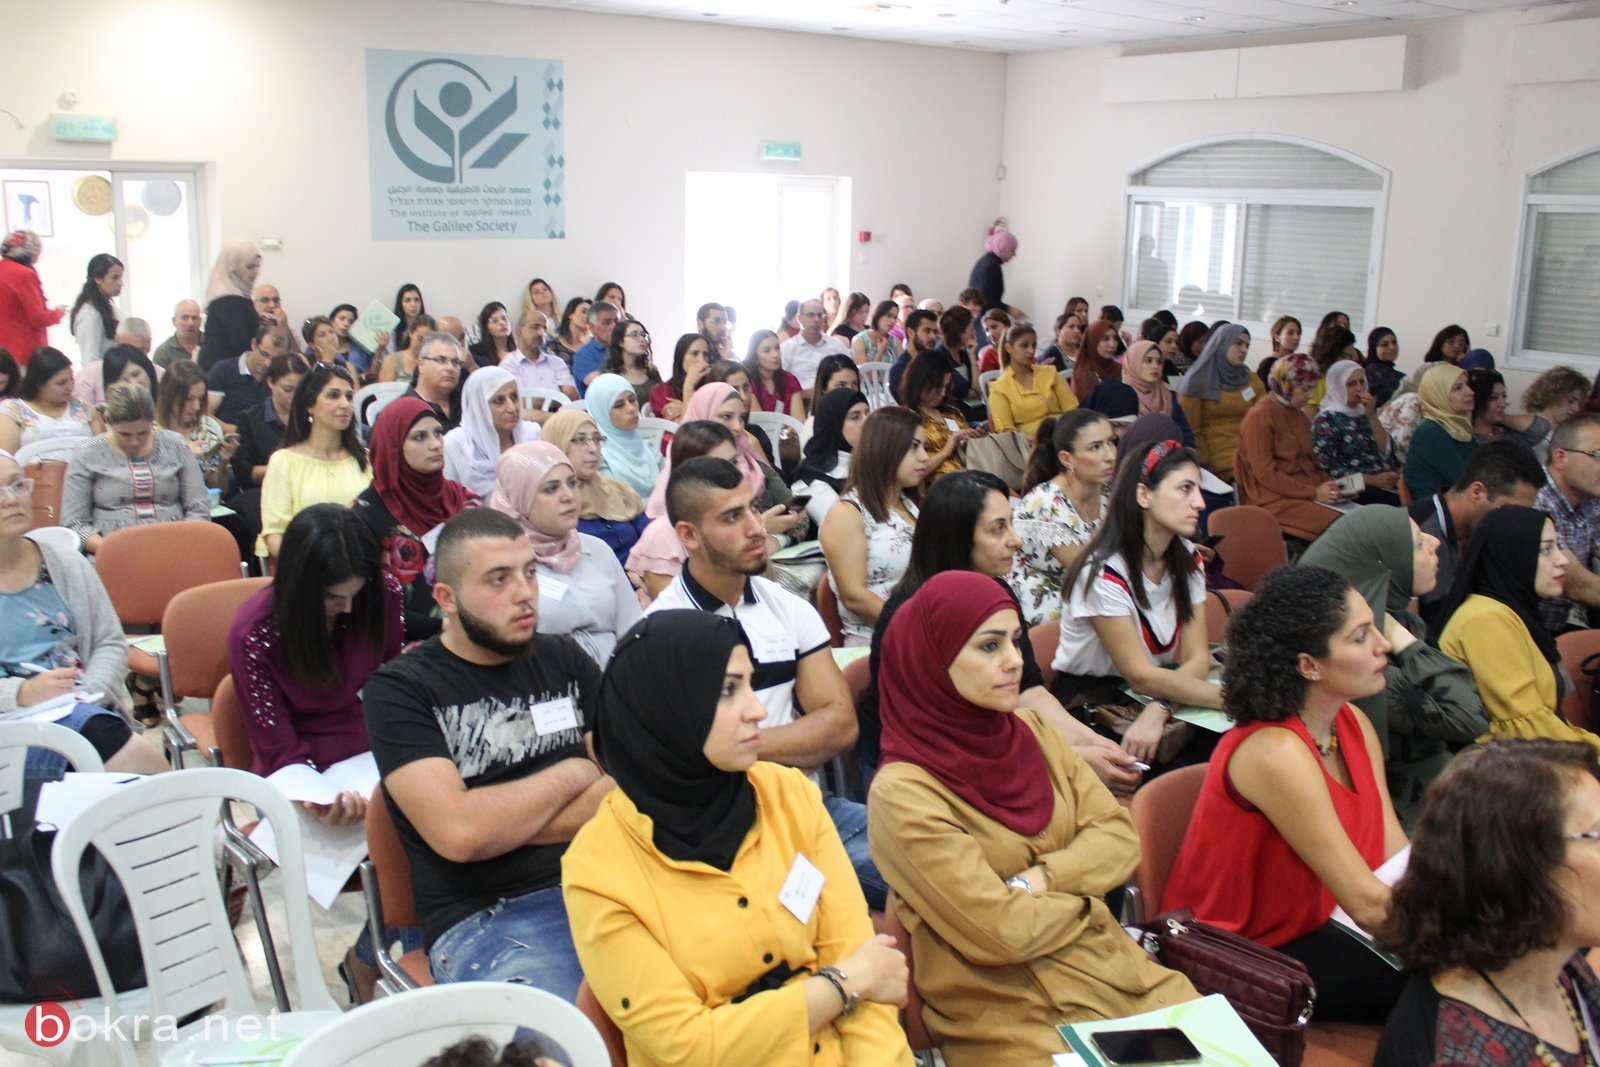 جمعية الجليل تطلق مؤتمرها العلمي السنوي للعام 2019 -14